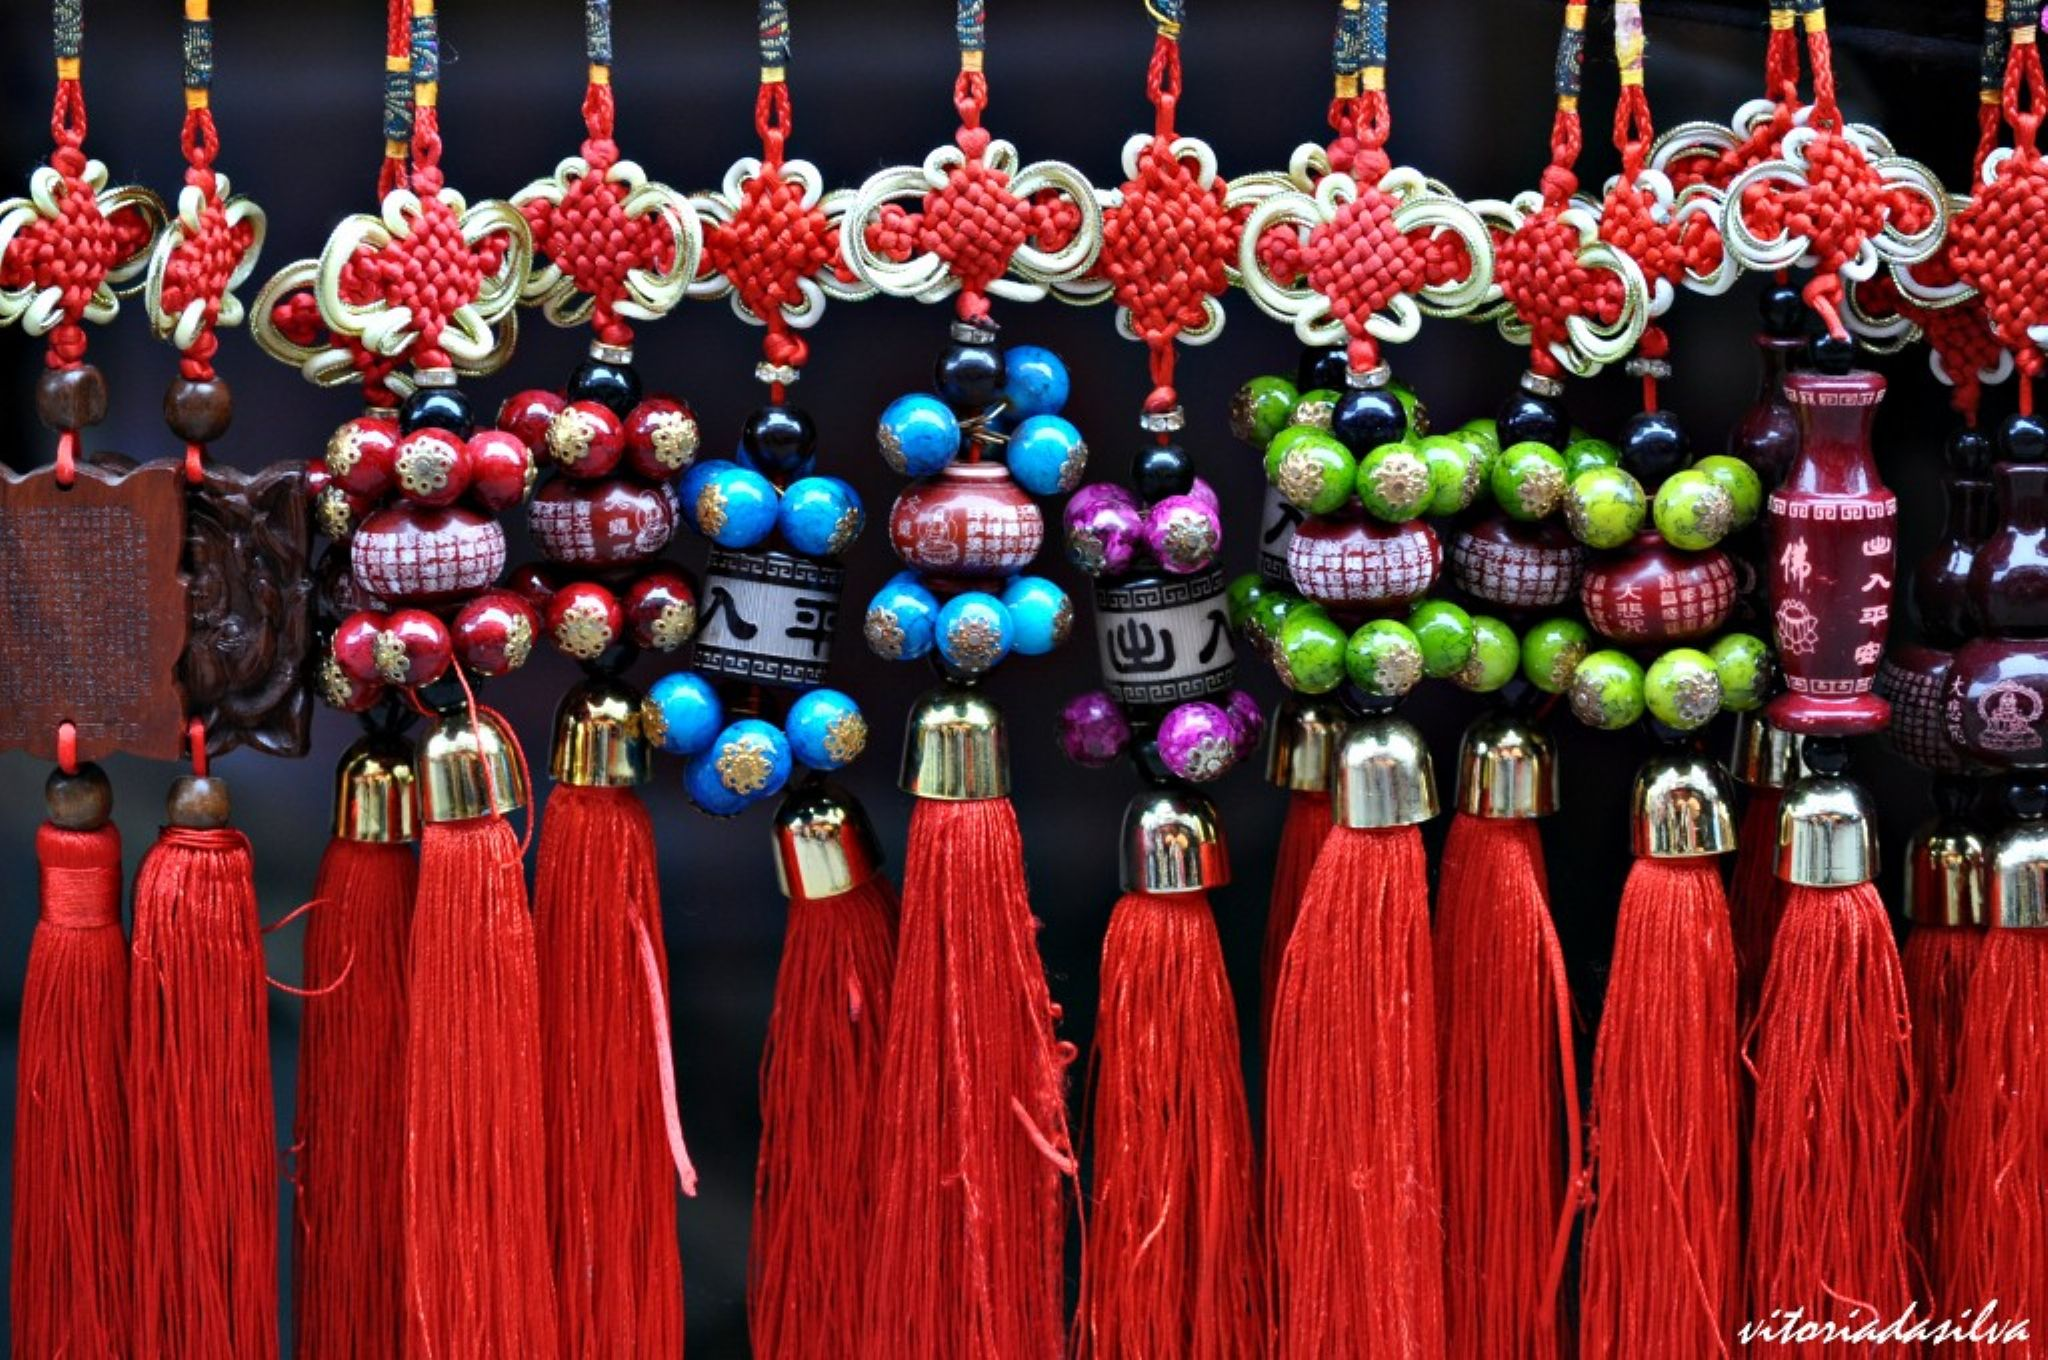 chinese artfacts by vitoriadasilva